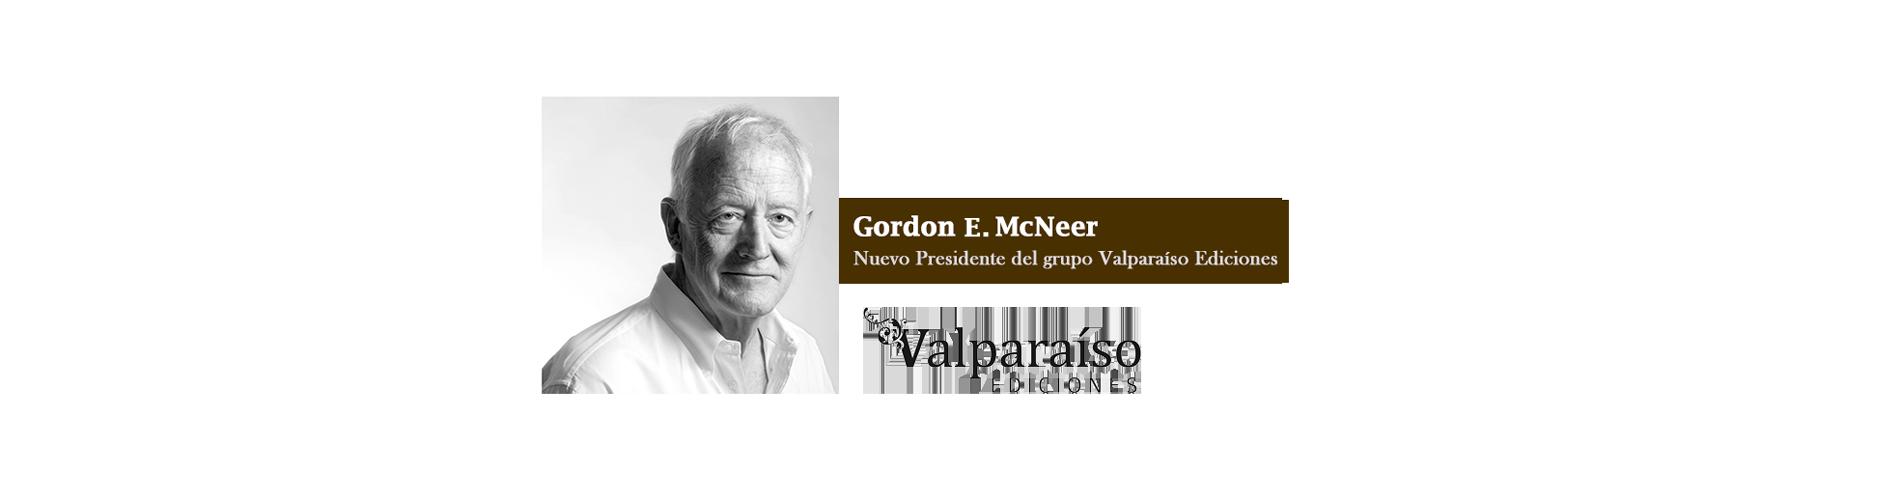 Gordon E. McNeer, nuevo Presidente del grupo Valparaíso Ediciones.